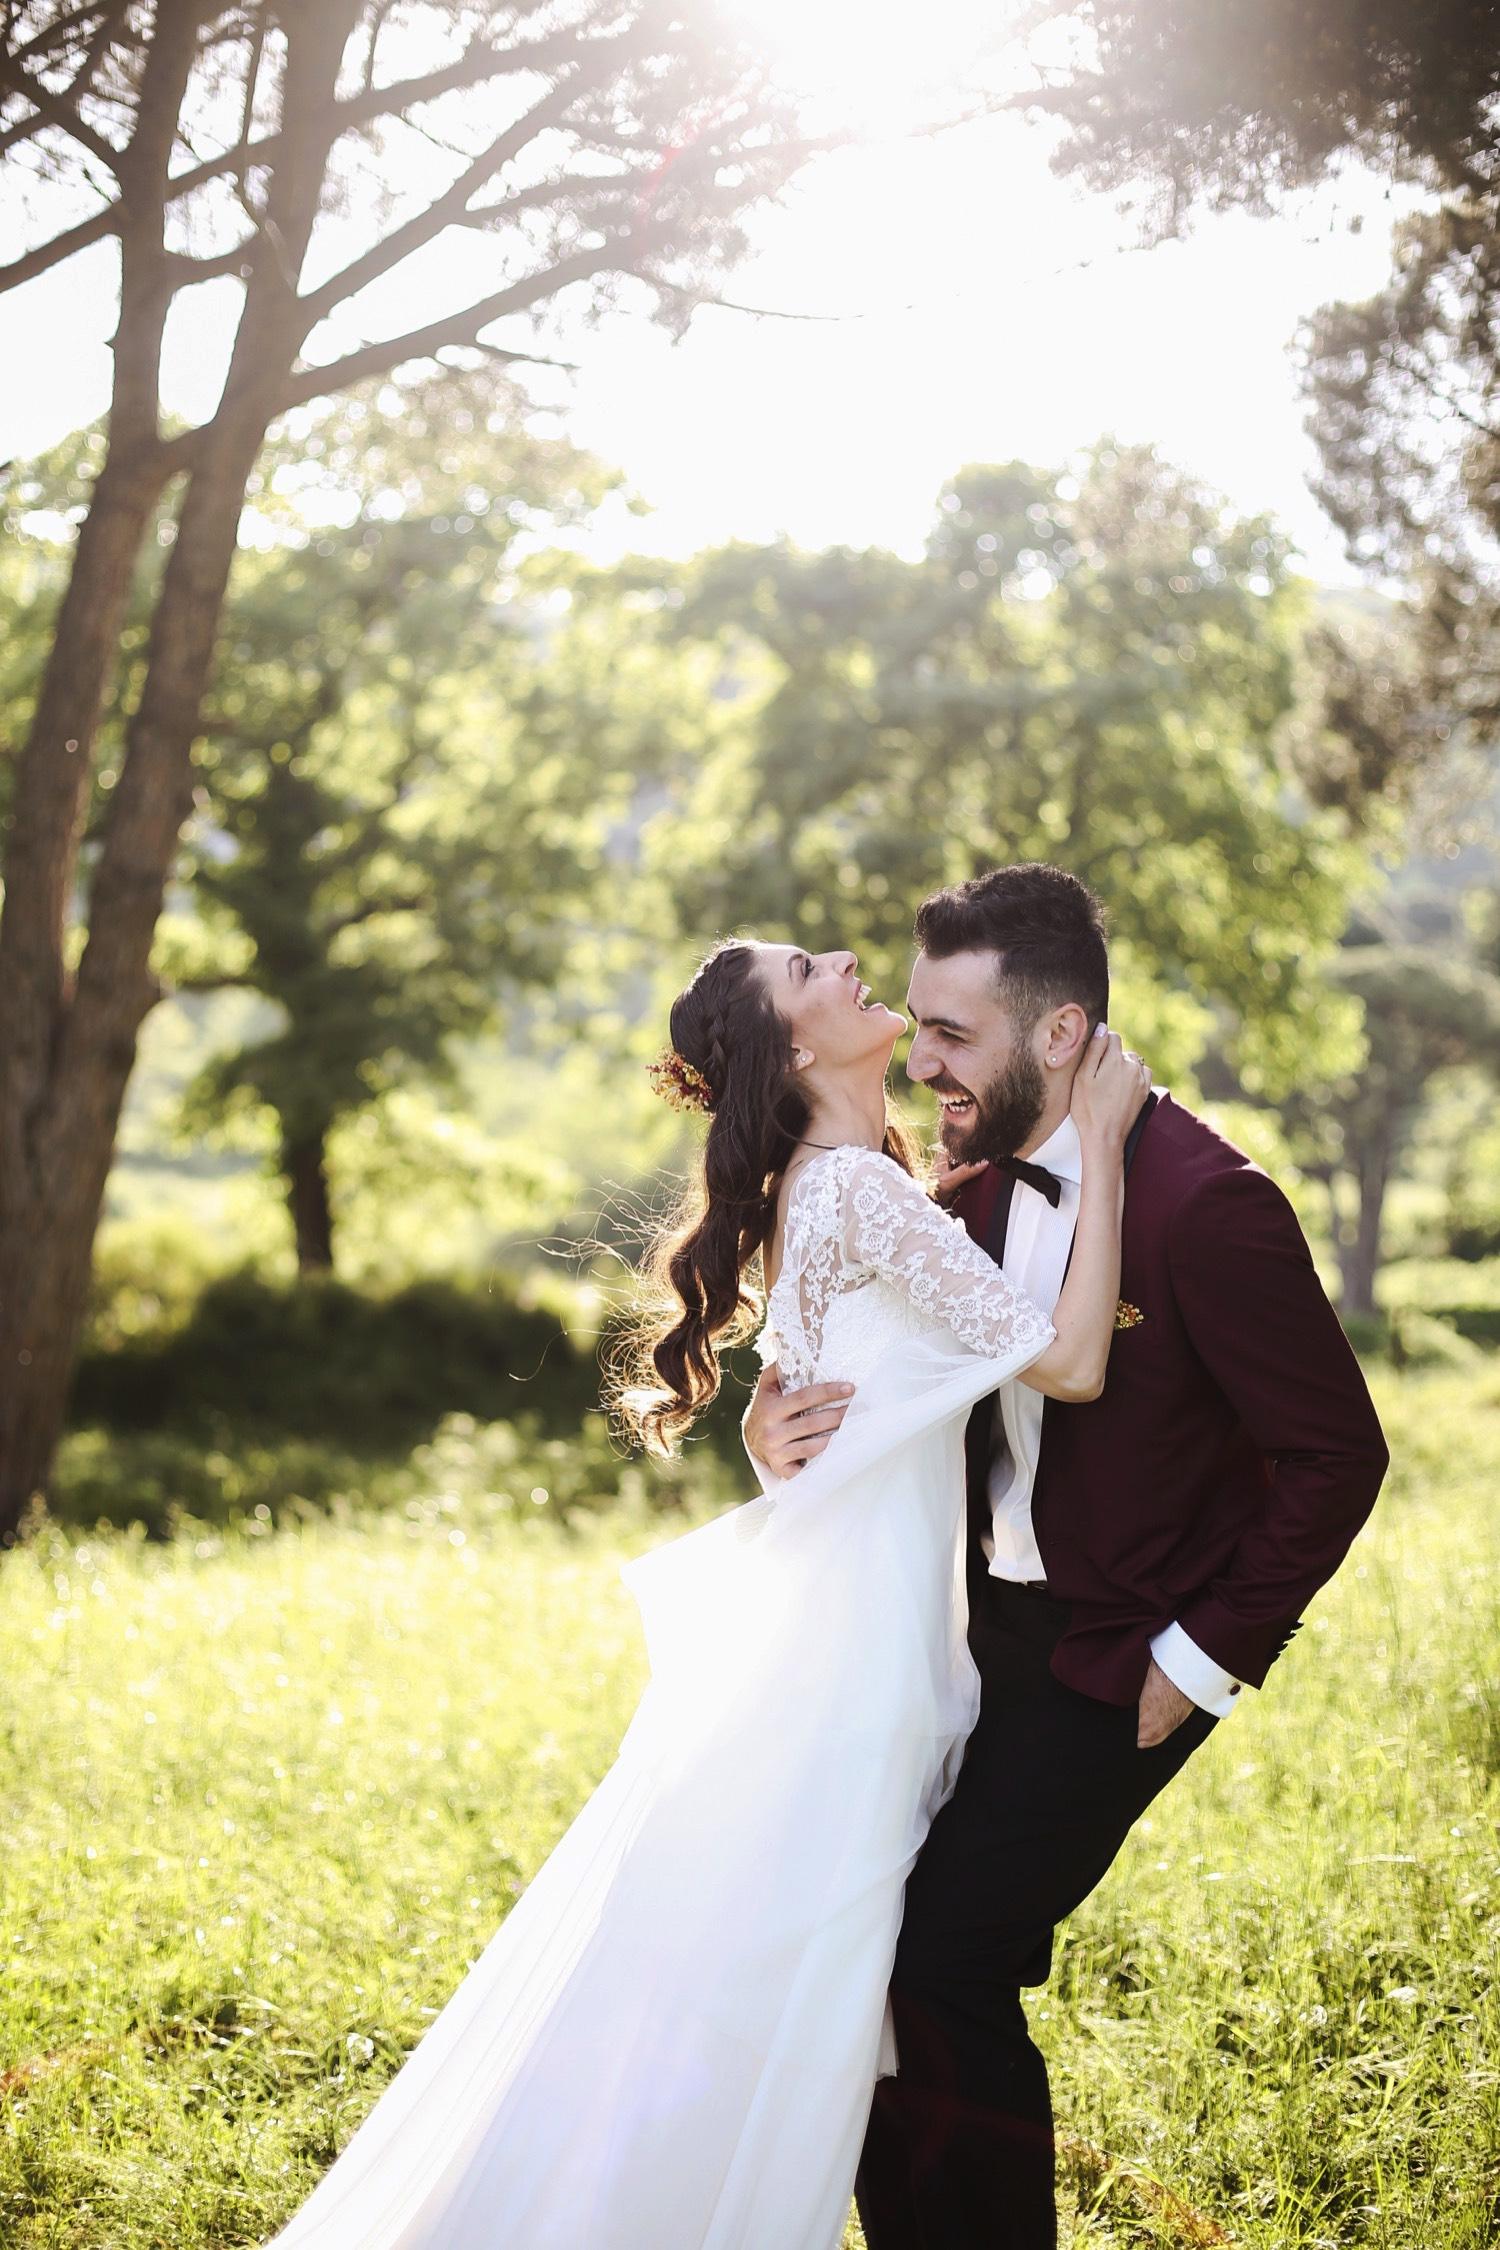 0000000031_lr-3680 copy_photographer_fotoğrafçı_istanbul_düğün_fotoğrafçısı_dış_bursa_çekim_wedding